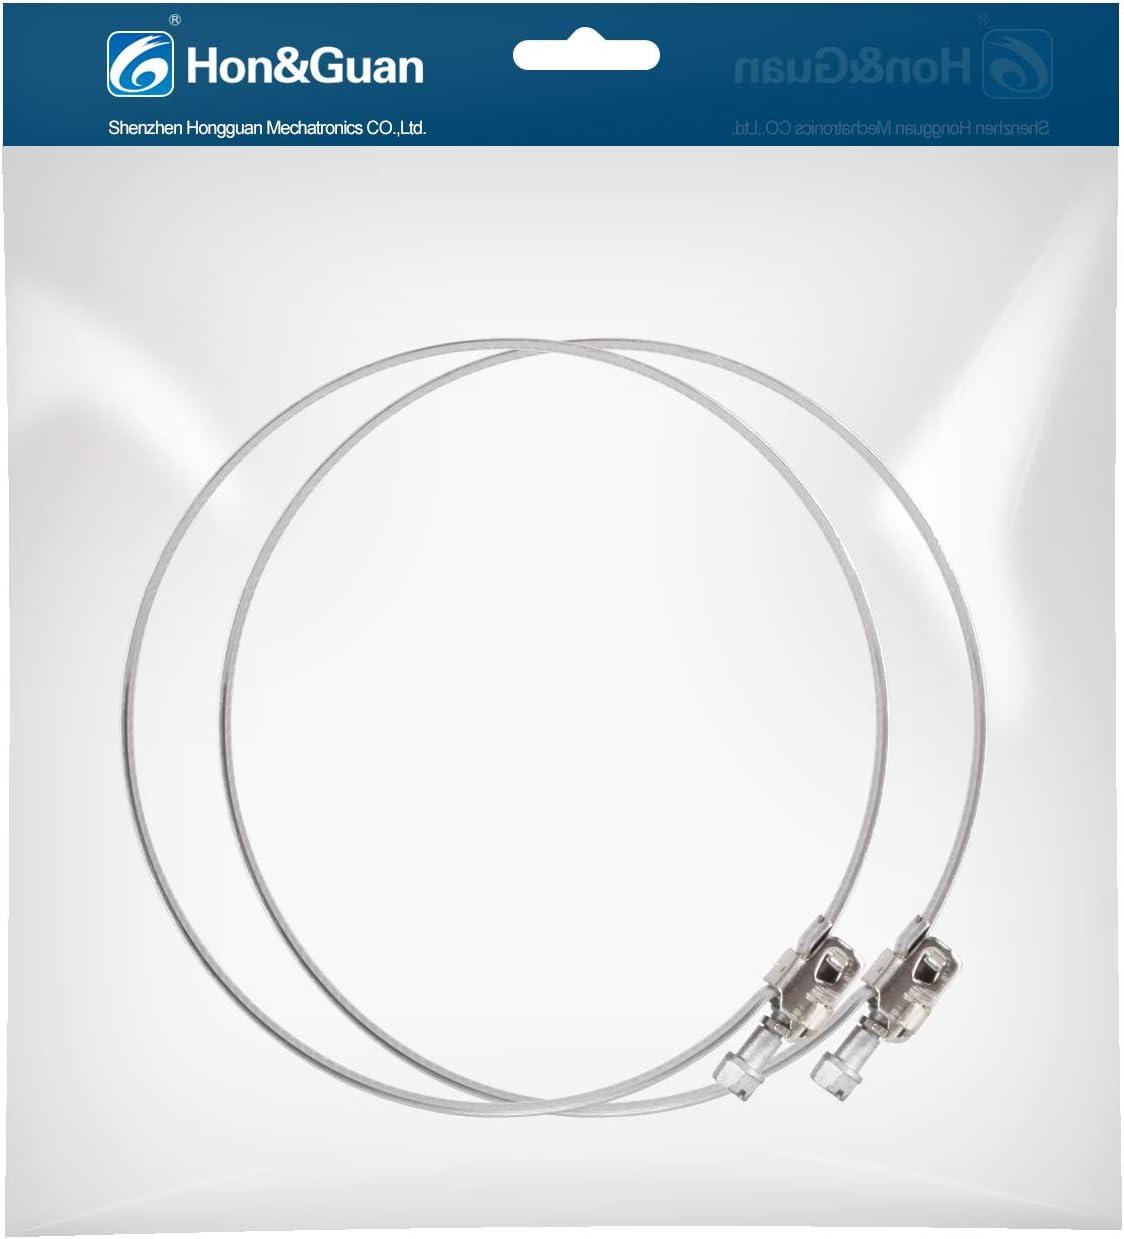 Hon&Guan Abrazadera Manguera Ajustable de Acero Inoxidable para Tubo, Ventilador Extractor de Aire - 2 piezas (125mm): Amazon.es: Hogar